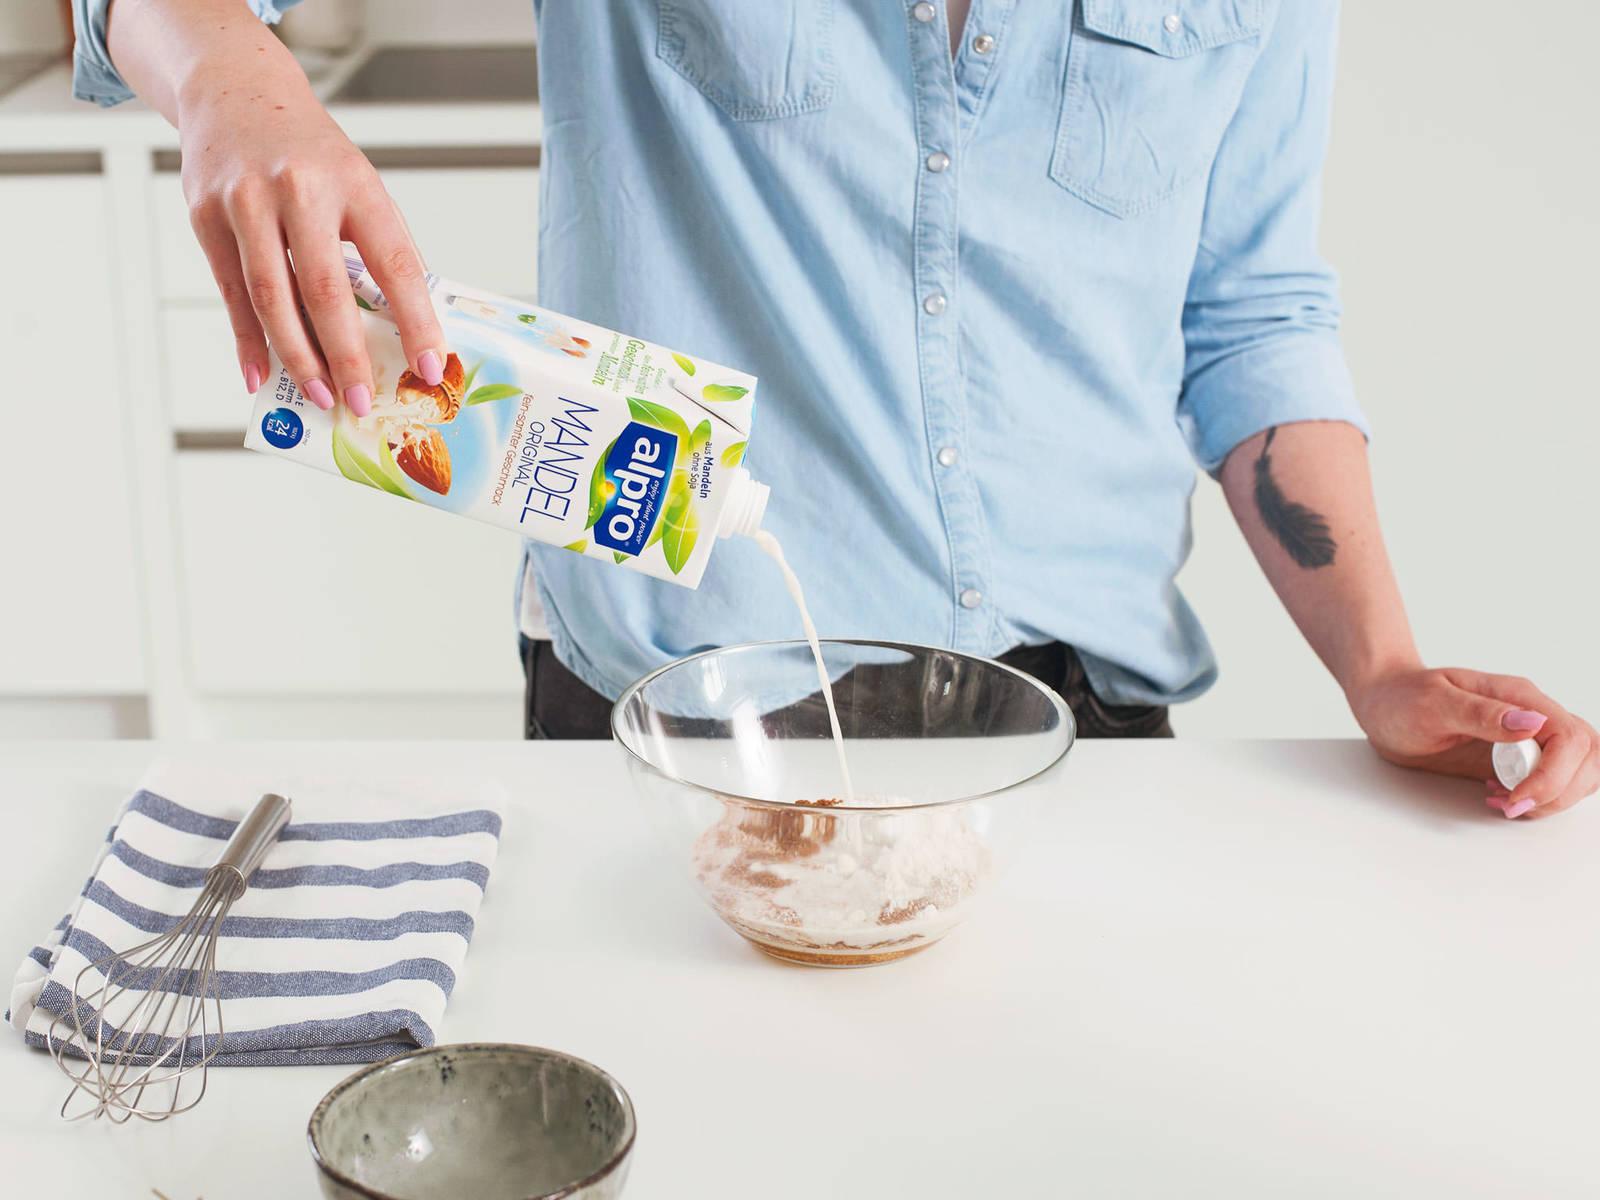 将椰子粉,全麦面粉,膨化苋菜,泡打粉和肉桂粉放到一个大碗中混合搅拌。倒入杏仁奶和龙舌兰糖浆。用搅拌器搅打至完全混合。面糊中可以有些许颗粒,这会让煎饼口感更蓬松。